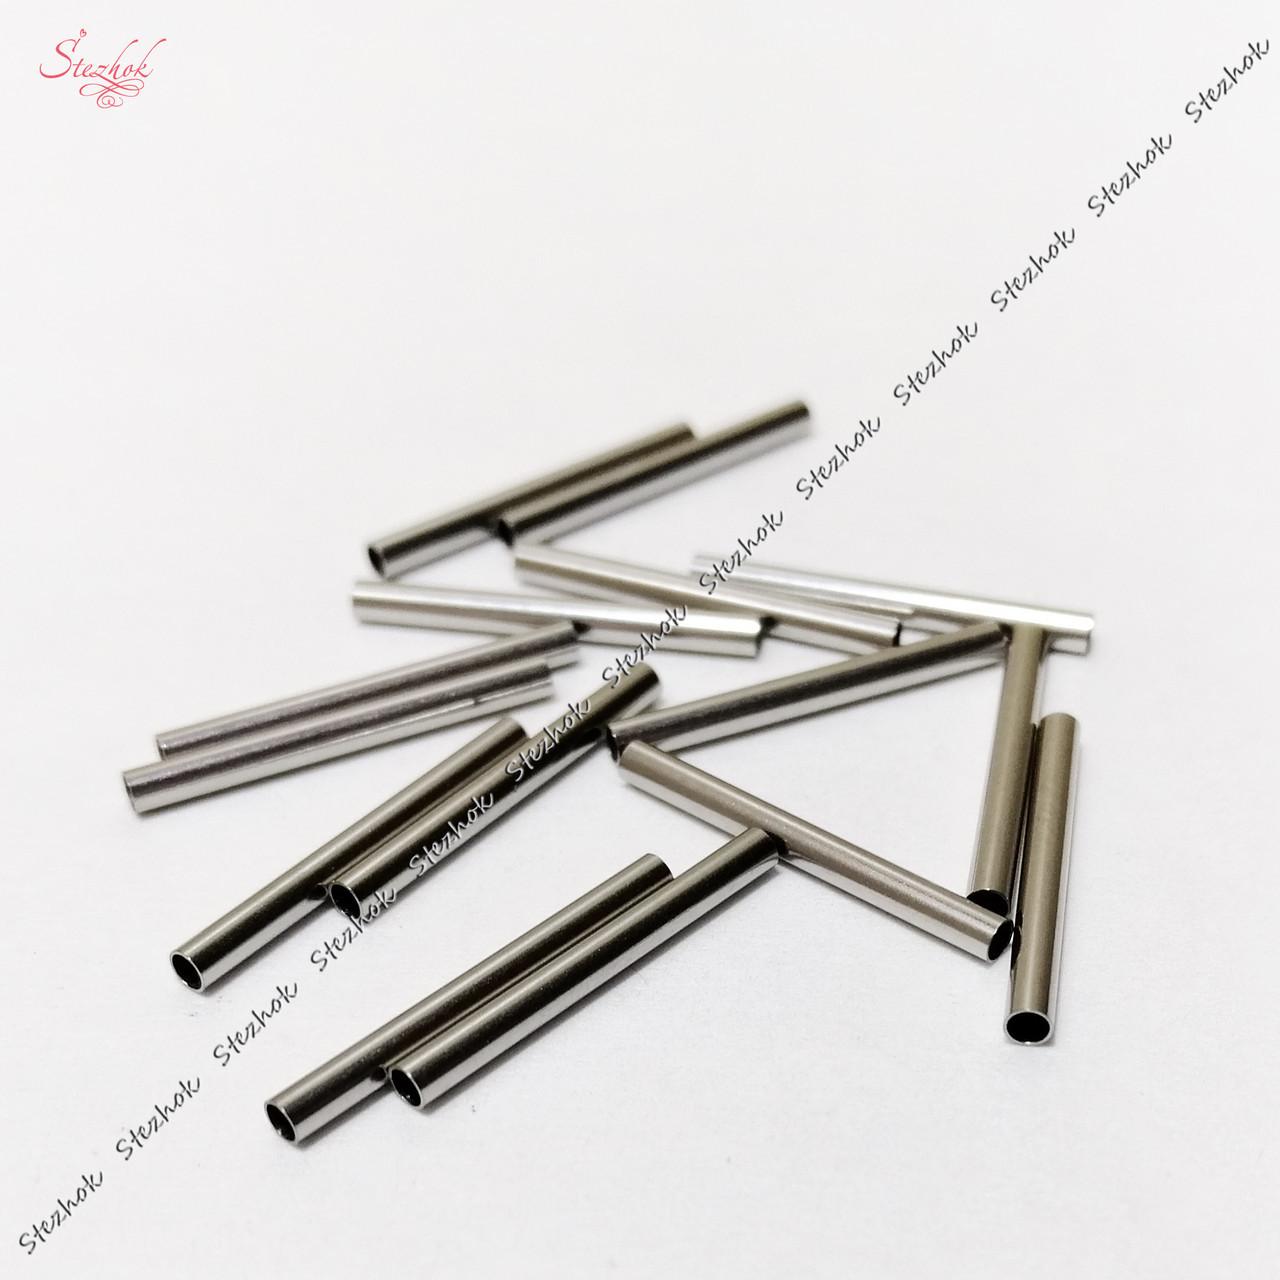 Металлический разделитель трубка 25 мм из нержавеющей стали для рукоделия